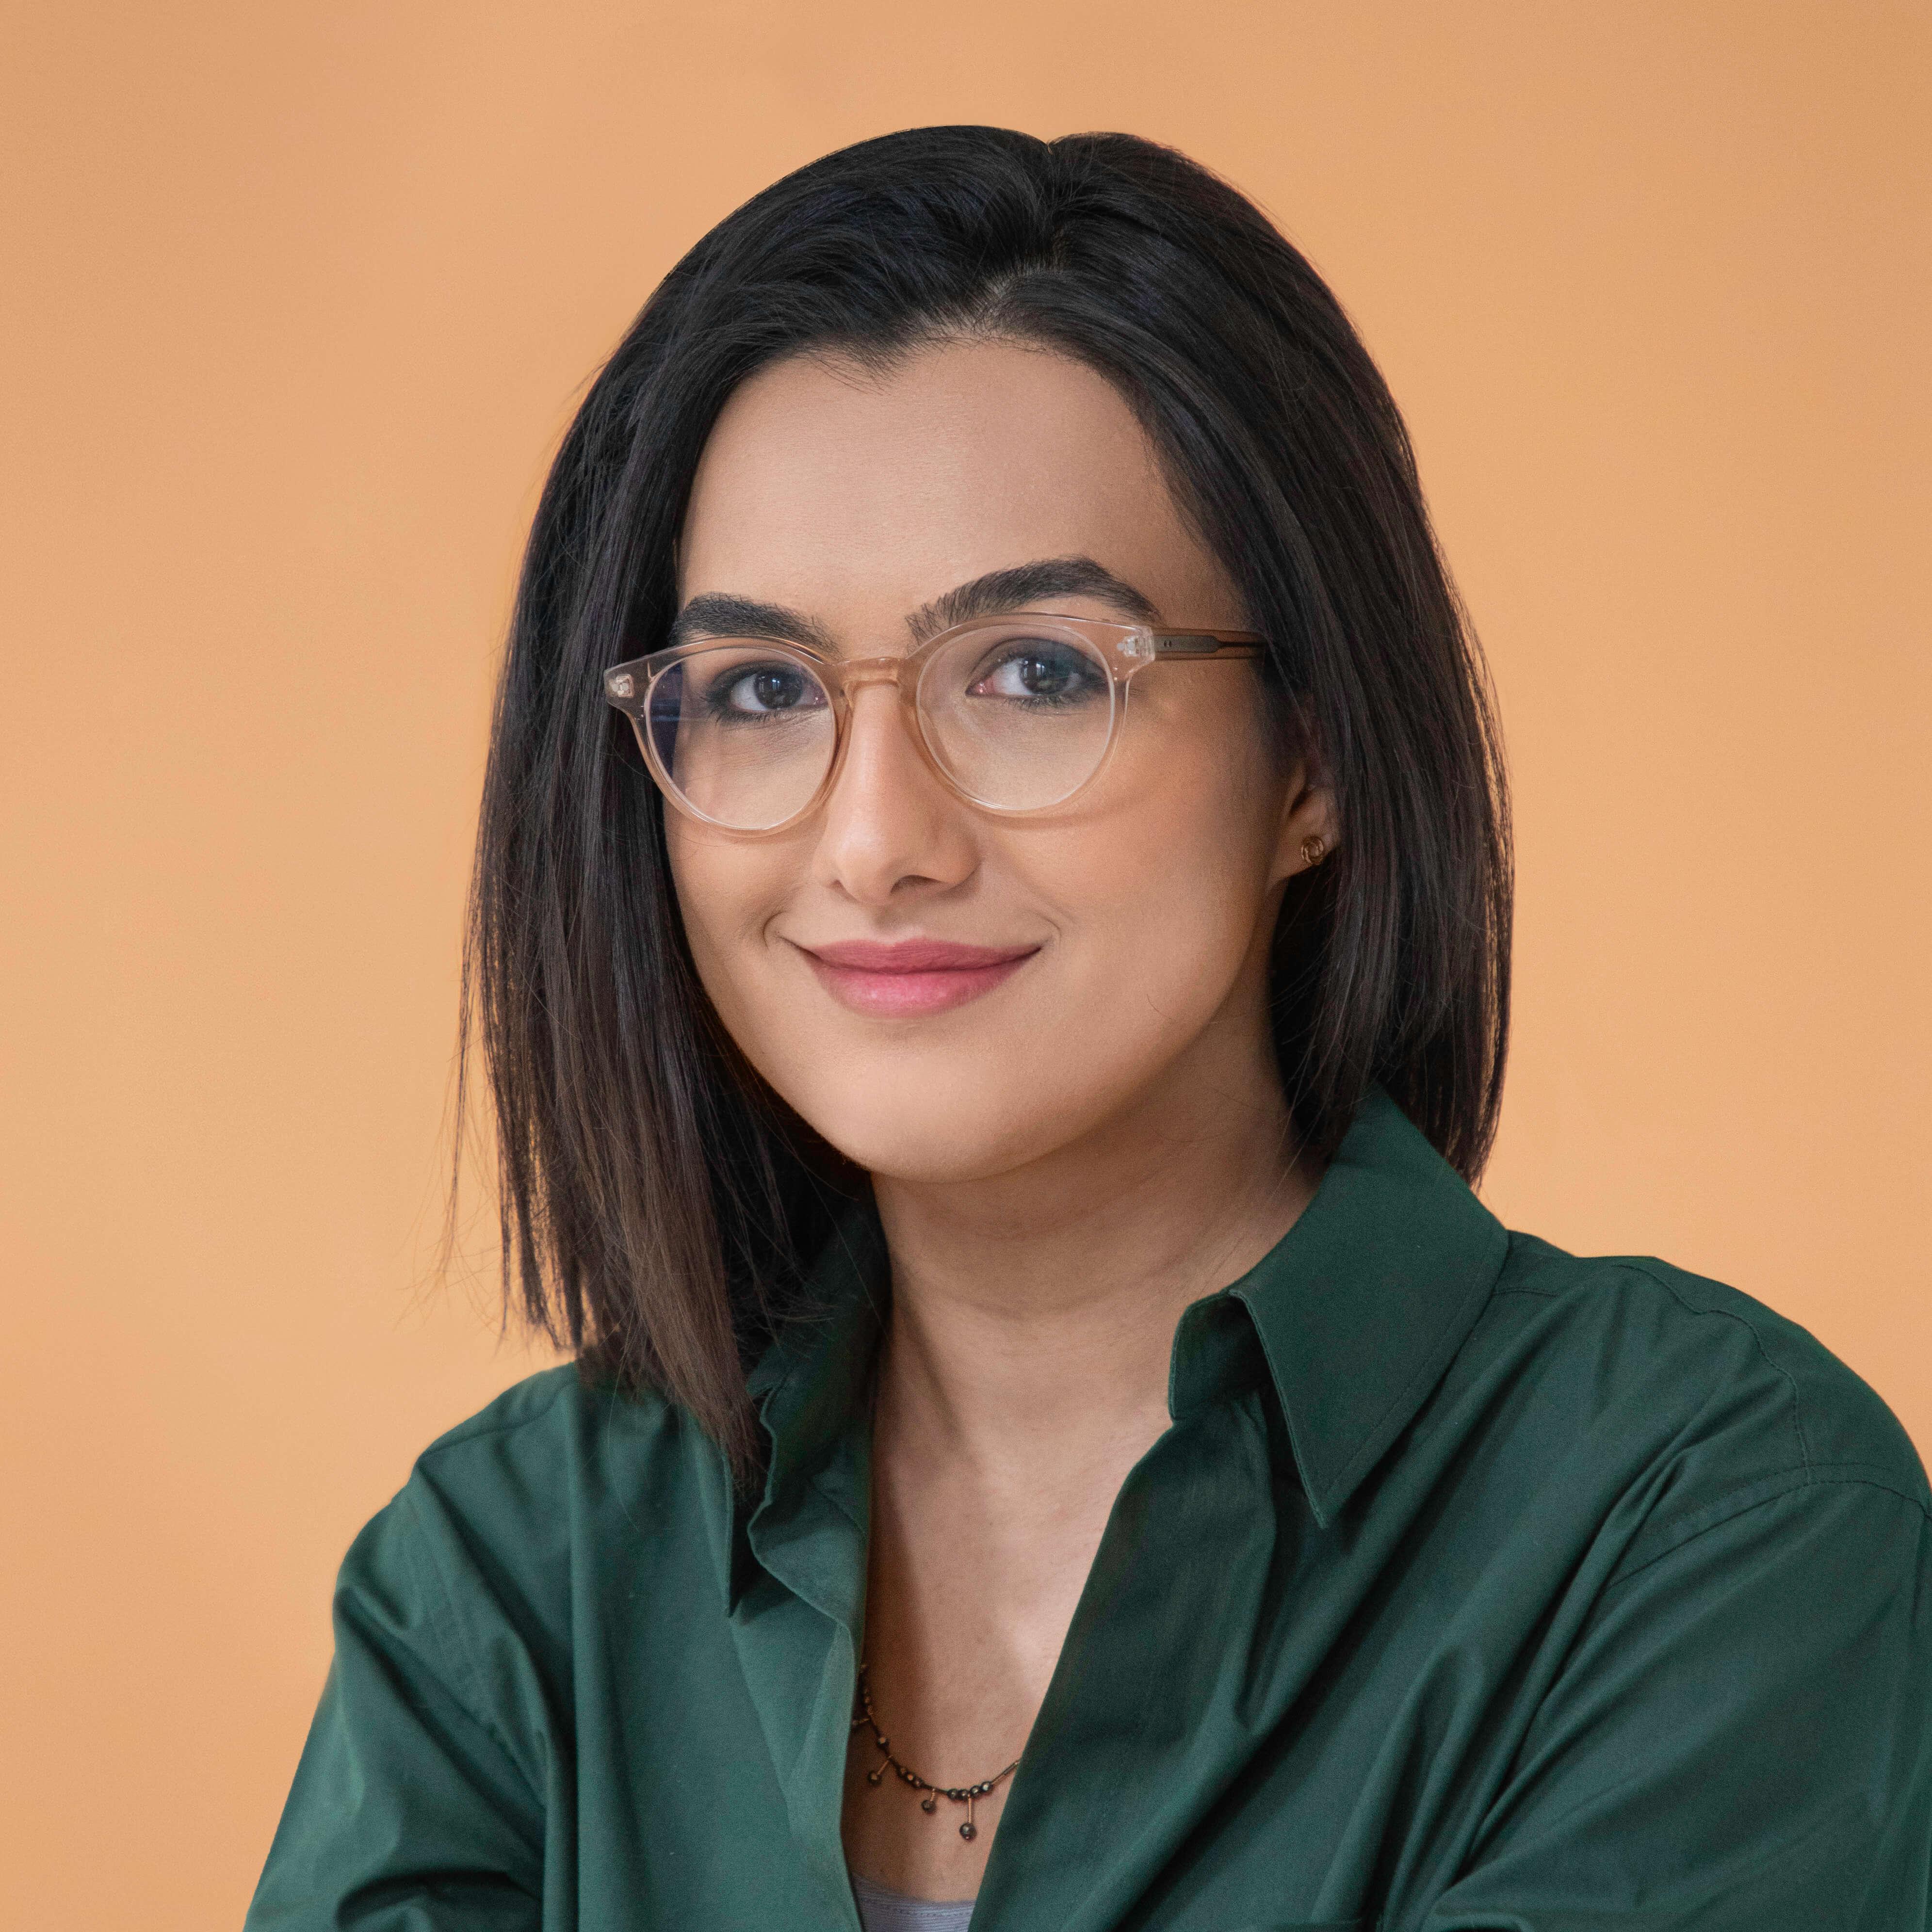 Andreea Bora portrait photo Marlon Studio co-founder